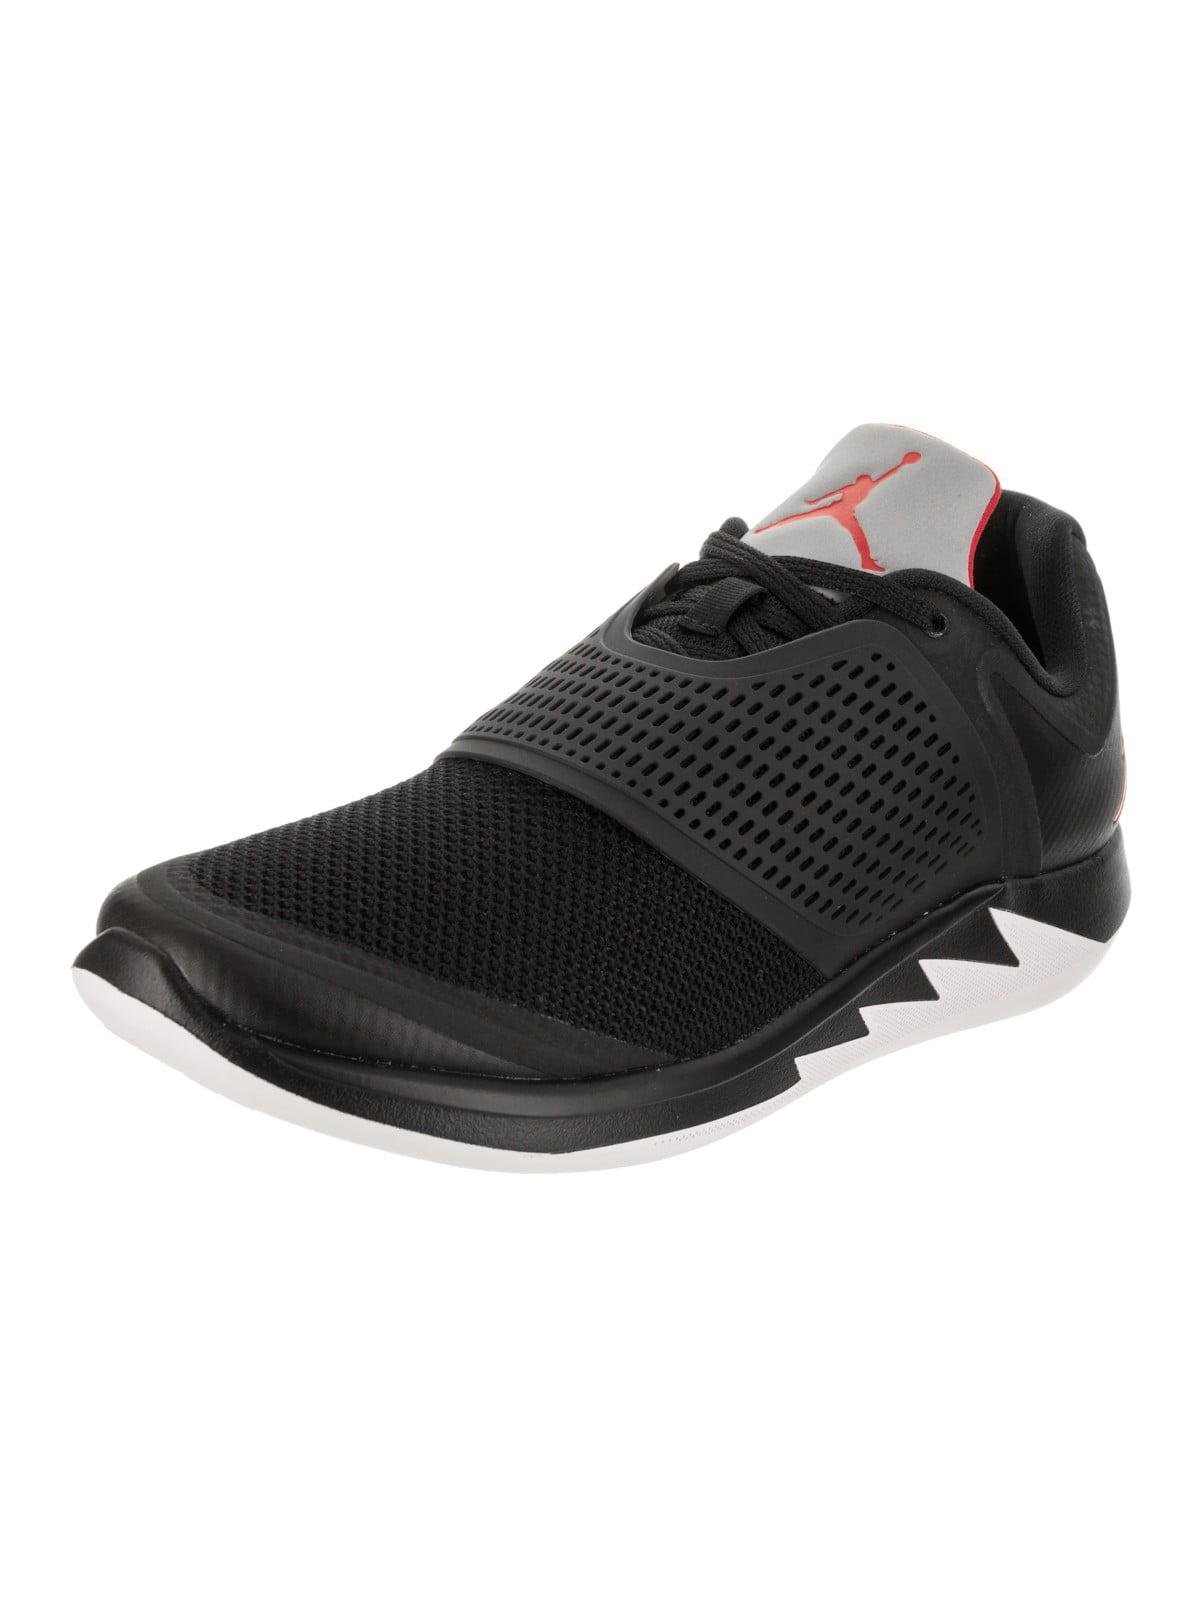 Nike Jordan Men's Jordan Grind 2